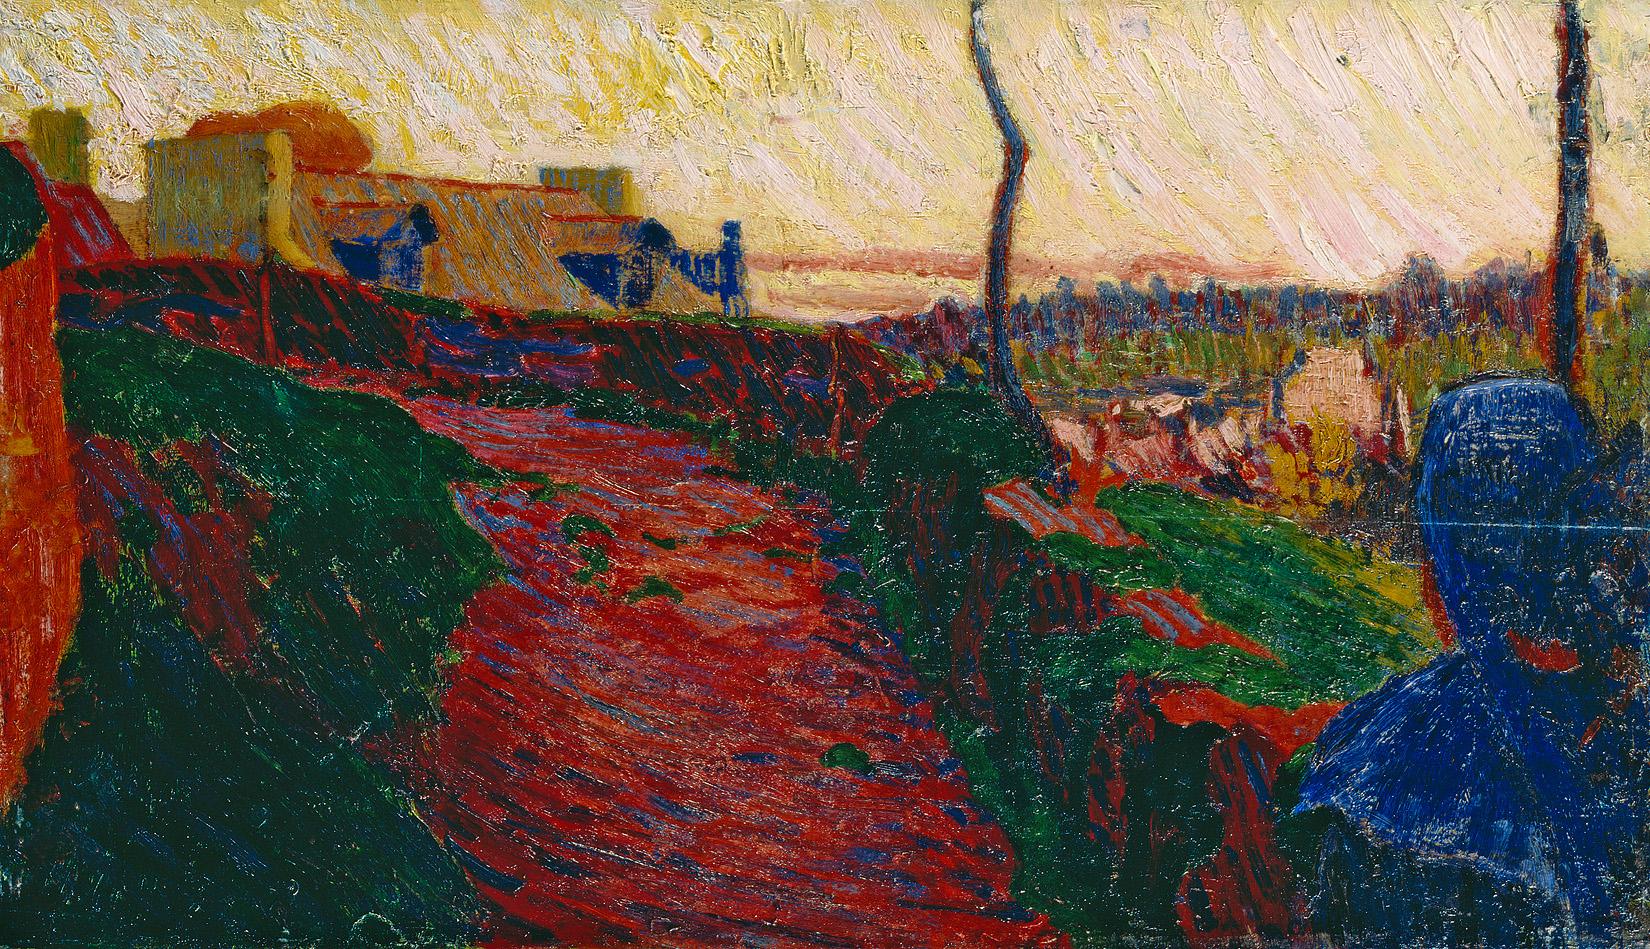 Cuno Amiet, Bretonin vor Pont-Aven, 1892/93, Kunsthaus Zürich